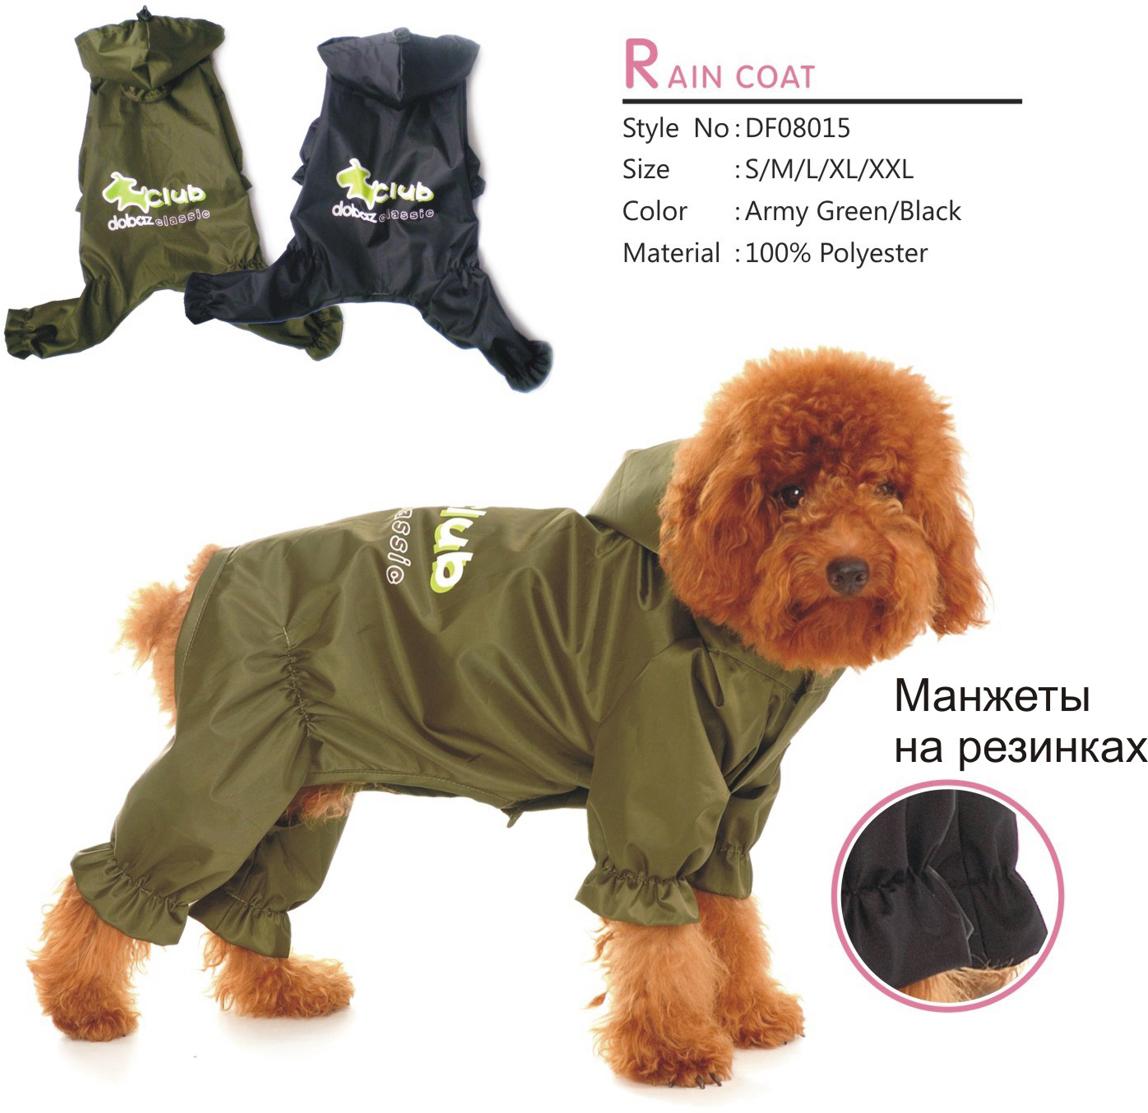 Комбинезон для собак Dobaz, цвет: черный. ДФ08015А6ХЛ. Размер 6XLДФ08015А6ХЛКомбинезон для собак Dobaz выполнен из болоневого материала.Обхват шеи: 55 см.Обхват груди: 86 см.Длина спинки: 61 см.Одежда для собак: нужна ли она и как её выбрать. Статья OZON Гид